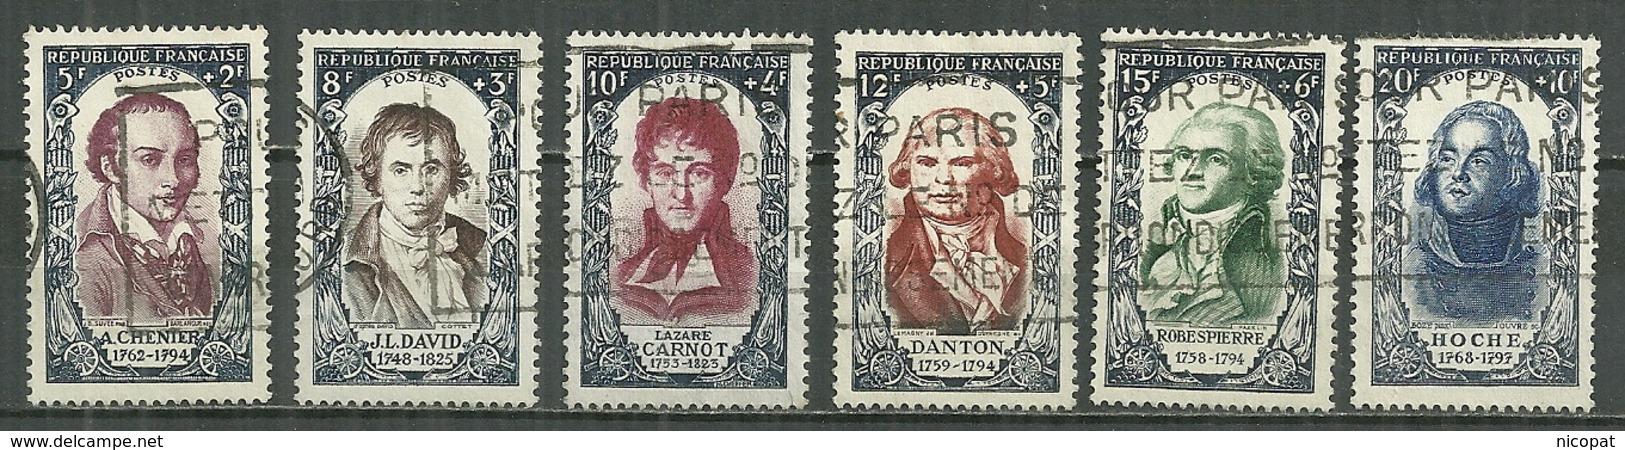 FRANCE Oblitéré 867-872 André Marie De Chénier Jacques Louis David Lazarre Carnot Georges Danton Robespierre Hoche - France